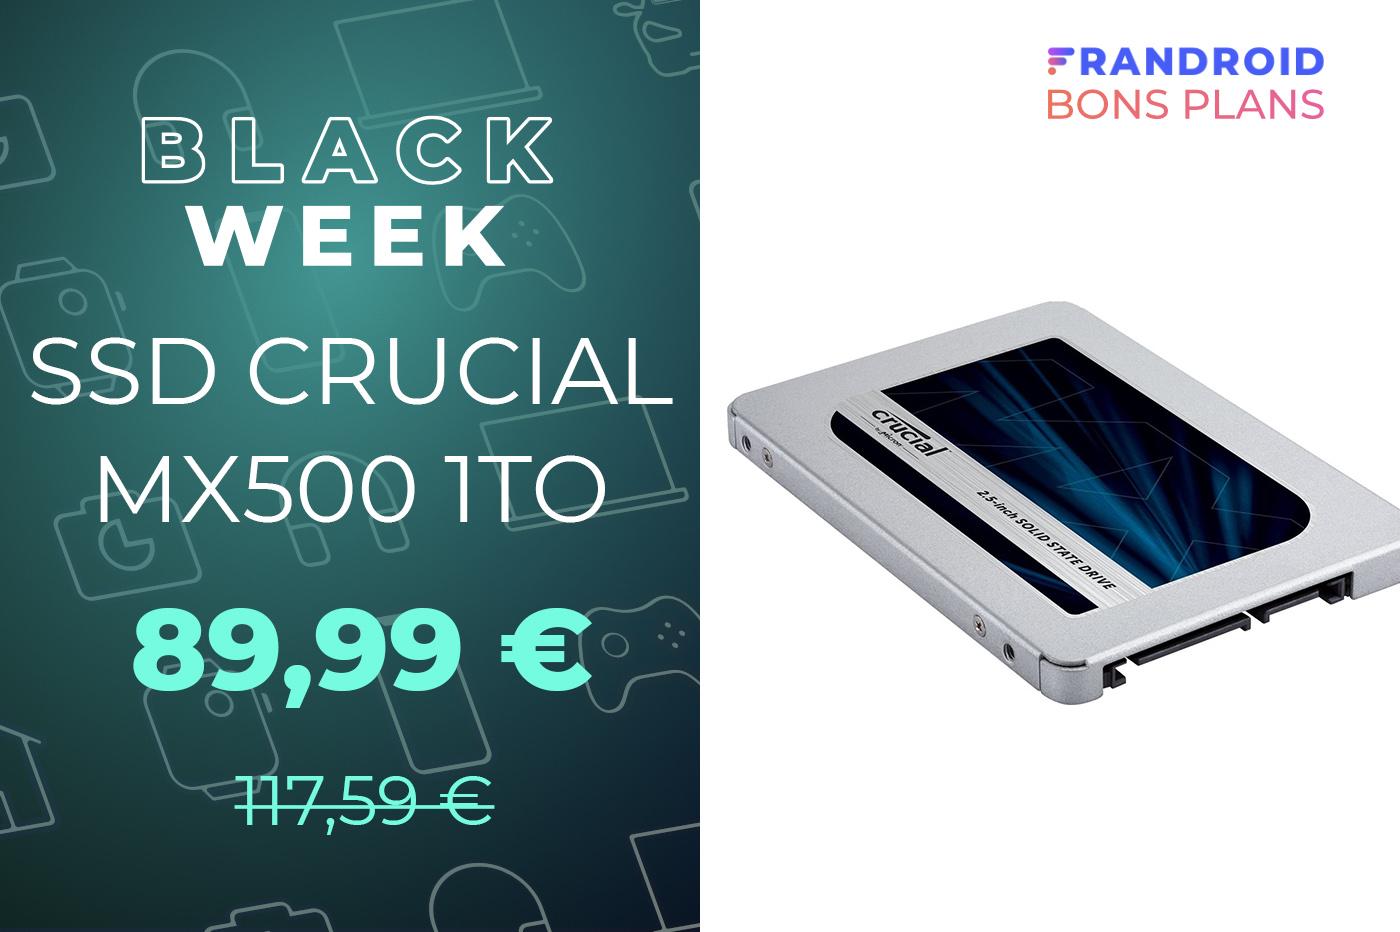 Le très bon SSD Crucial MX500 1 To est en promo à moins de 90 euros